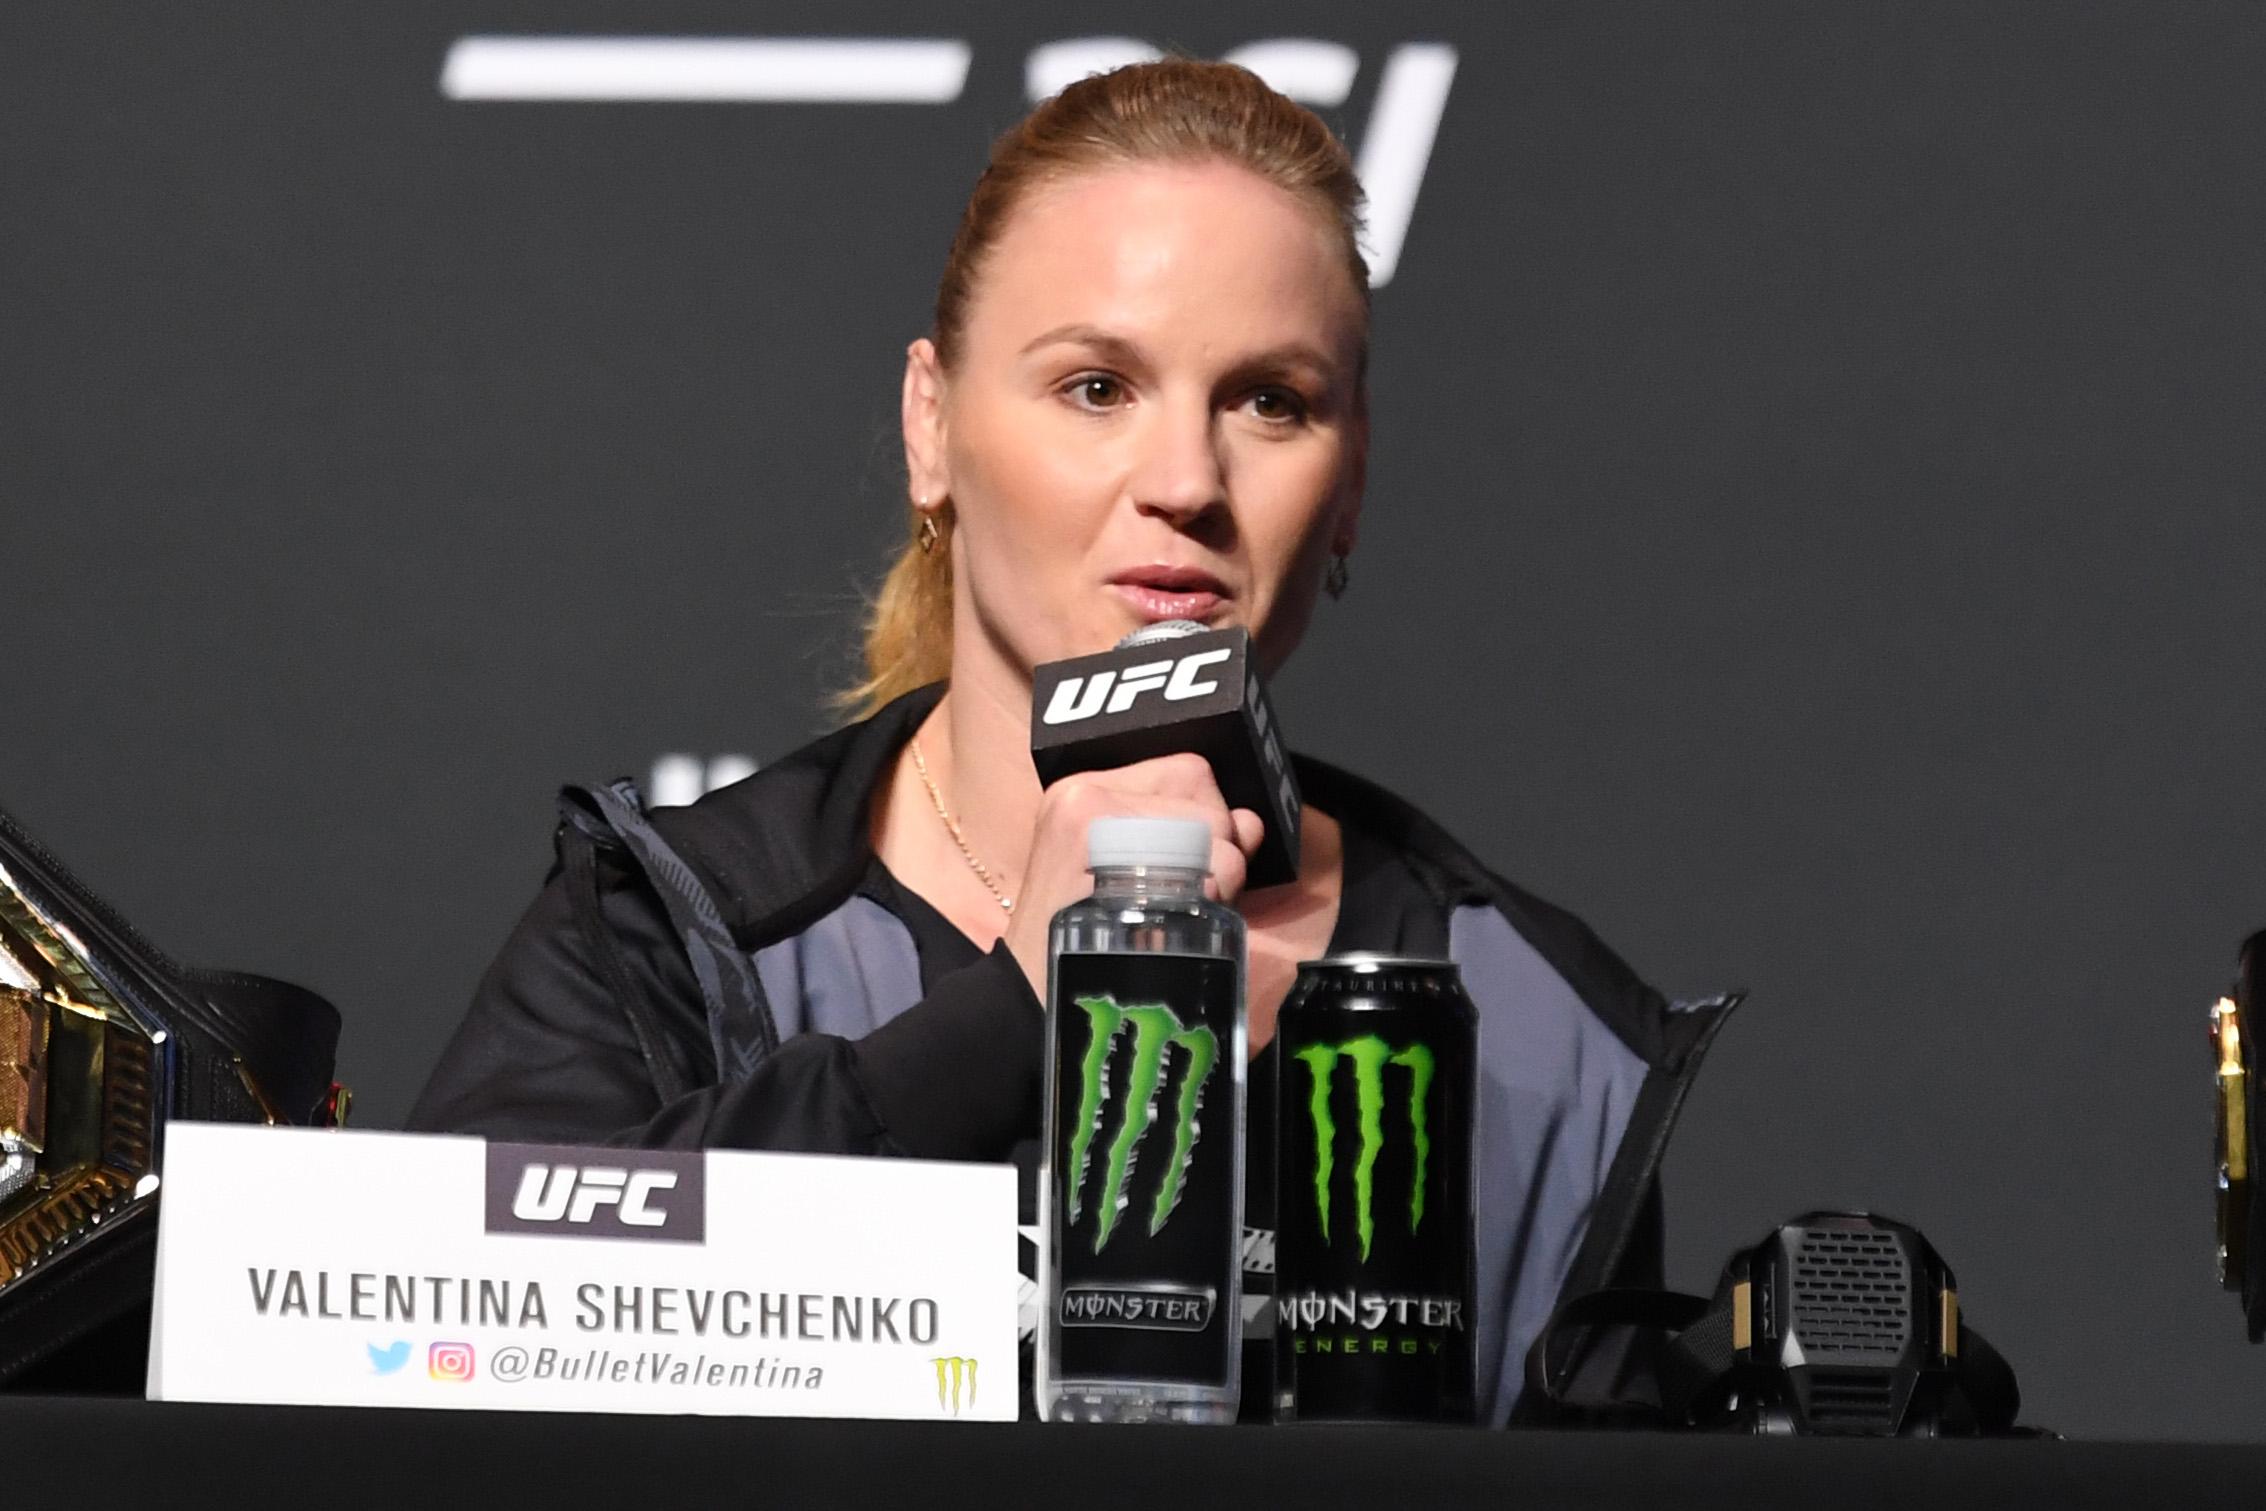 2021年4月22日,UFC女子Flyweight冠军瓦伦蒂娜·舍甫琴科在佛罗里达州杰克逊维尔市VyStar老兵纪念体育场举行的UFC 261新闻发布会上与媒体互动。